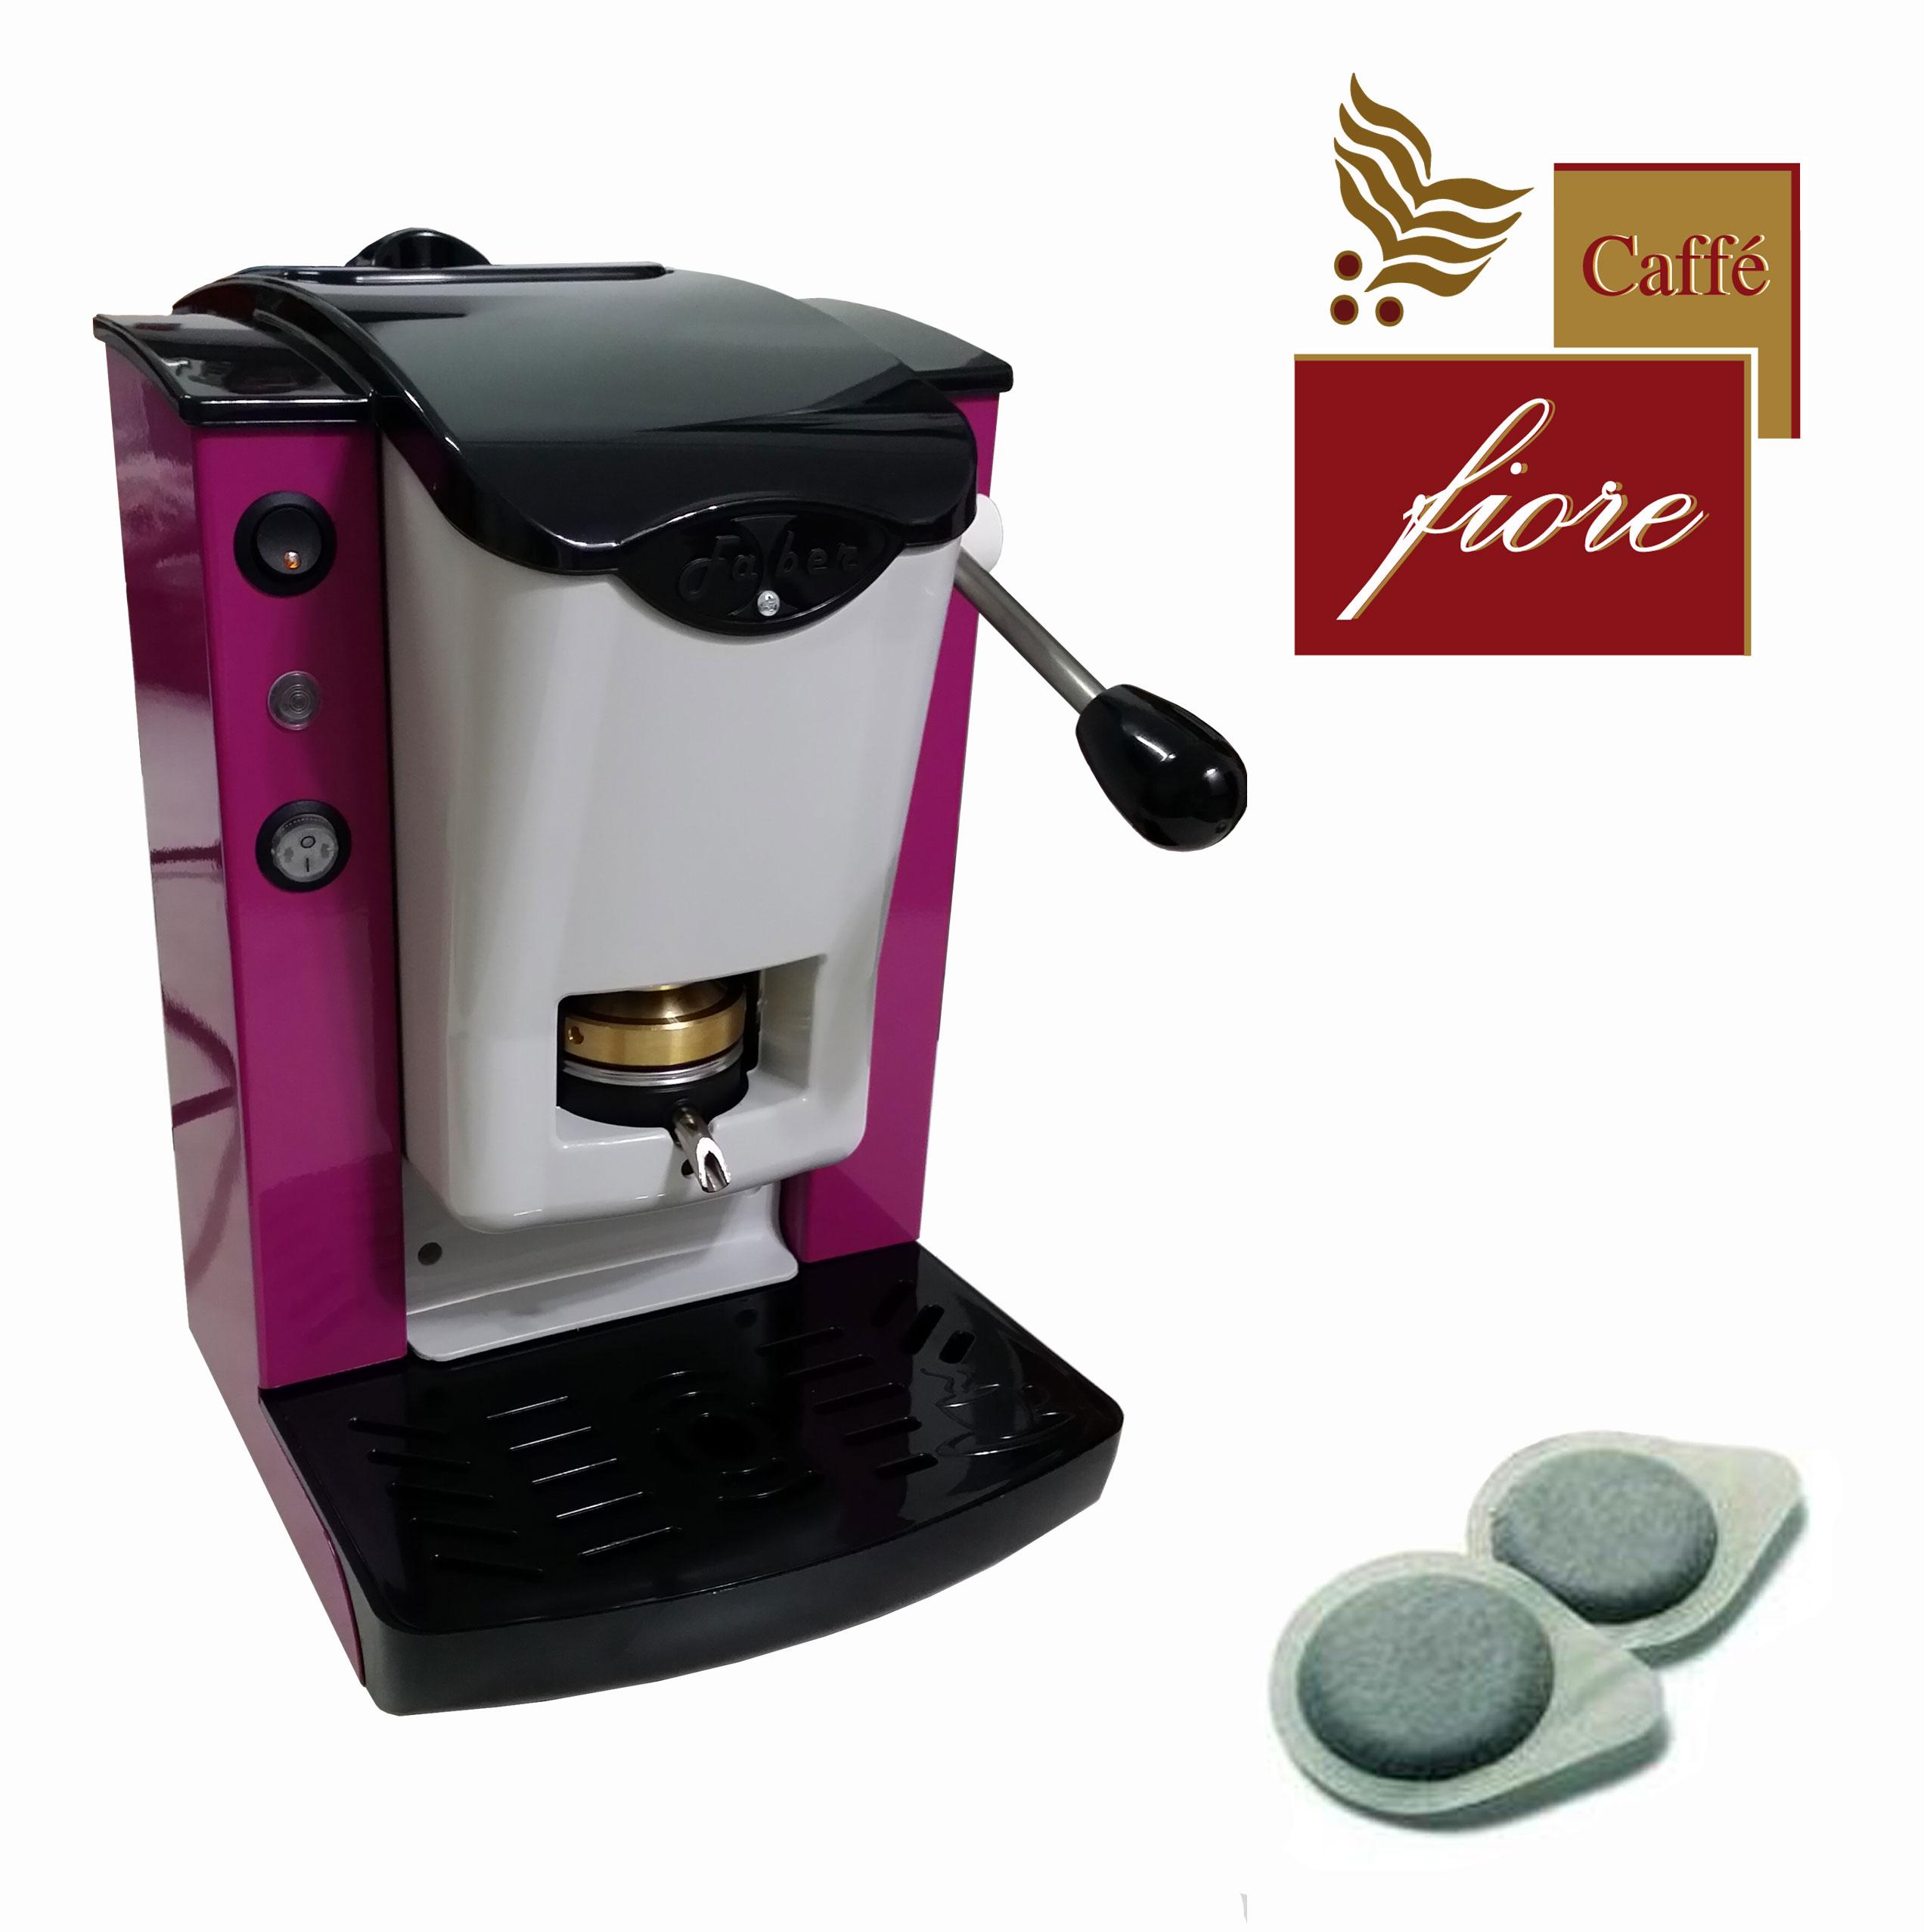 Macchine caffe tutte le offerte cascare a fagiolo - Cialde lavazza prezzo ...